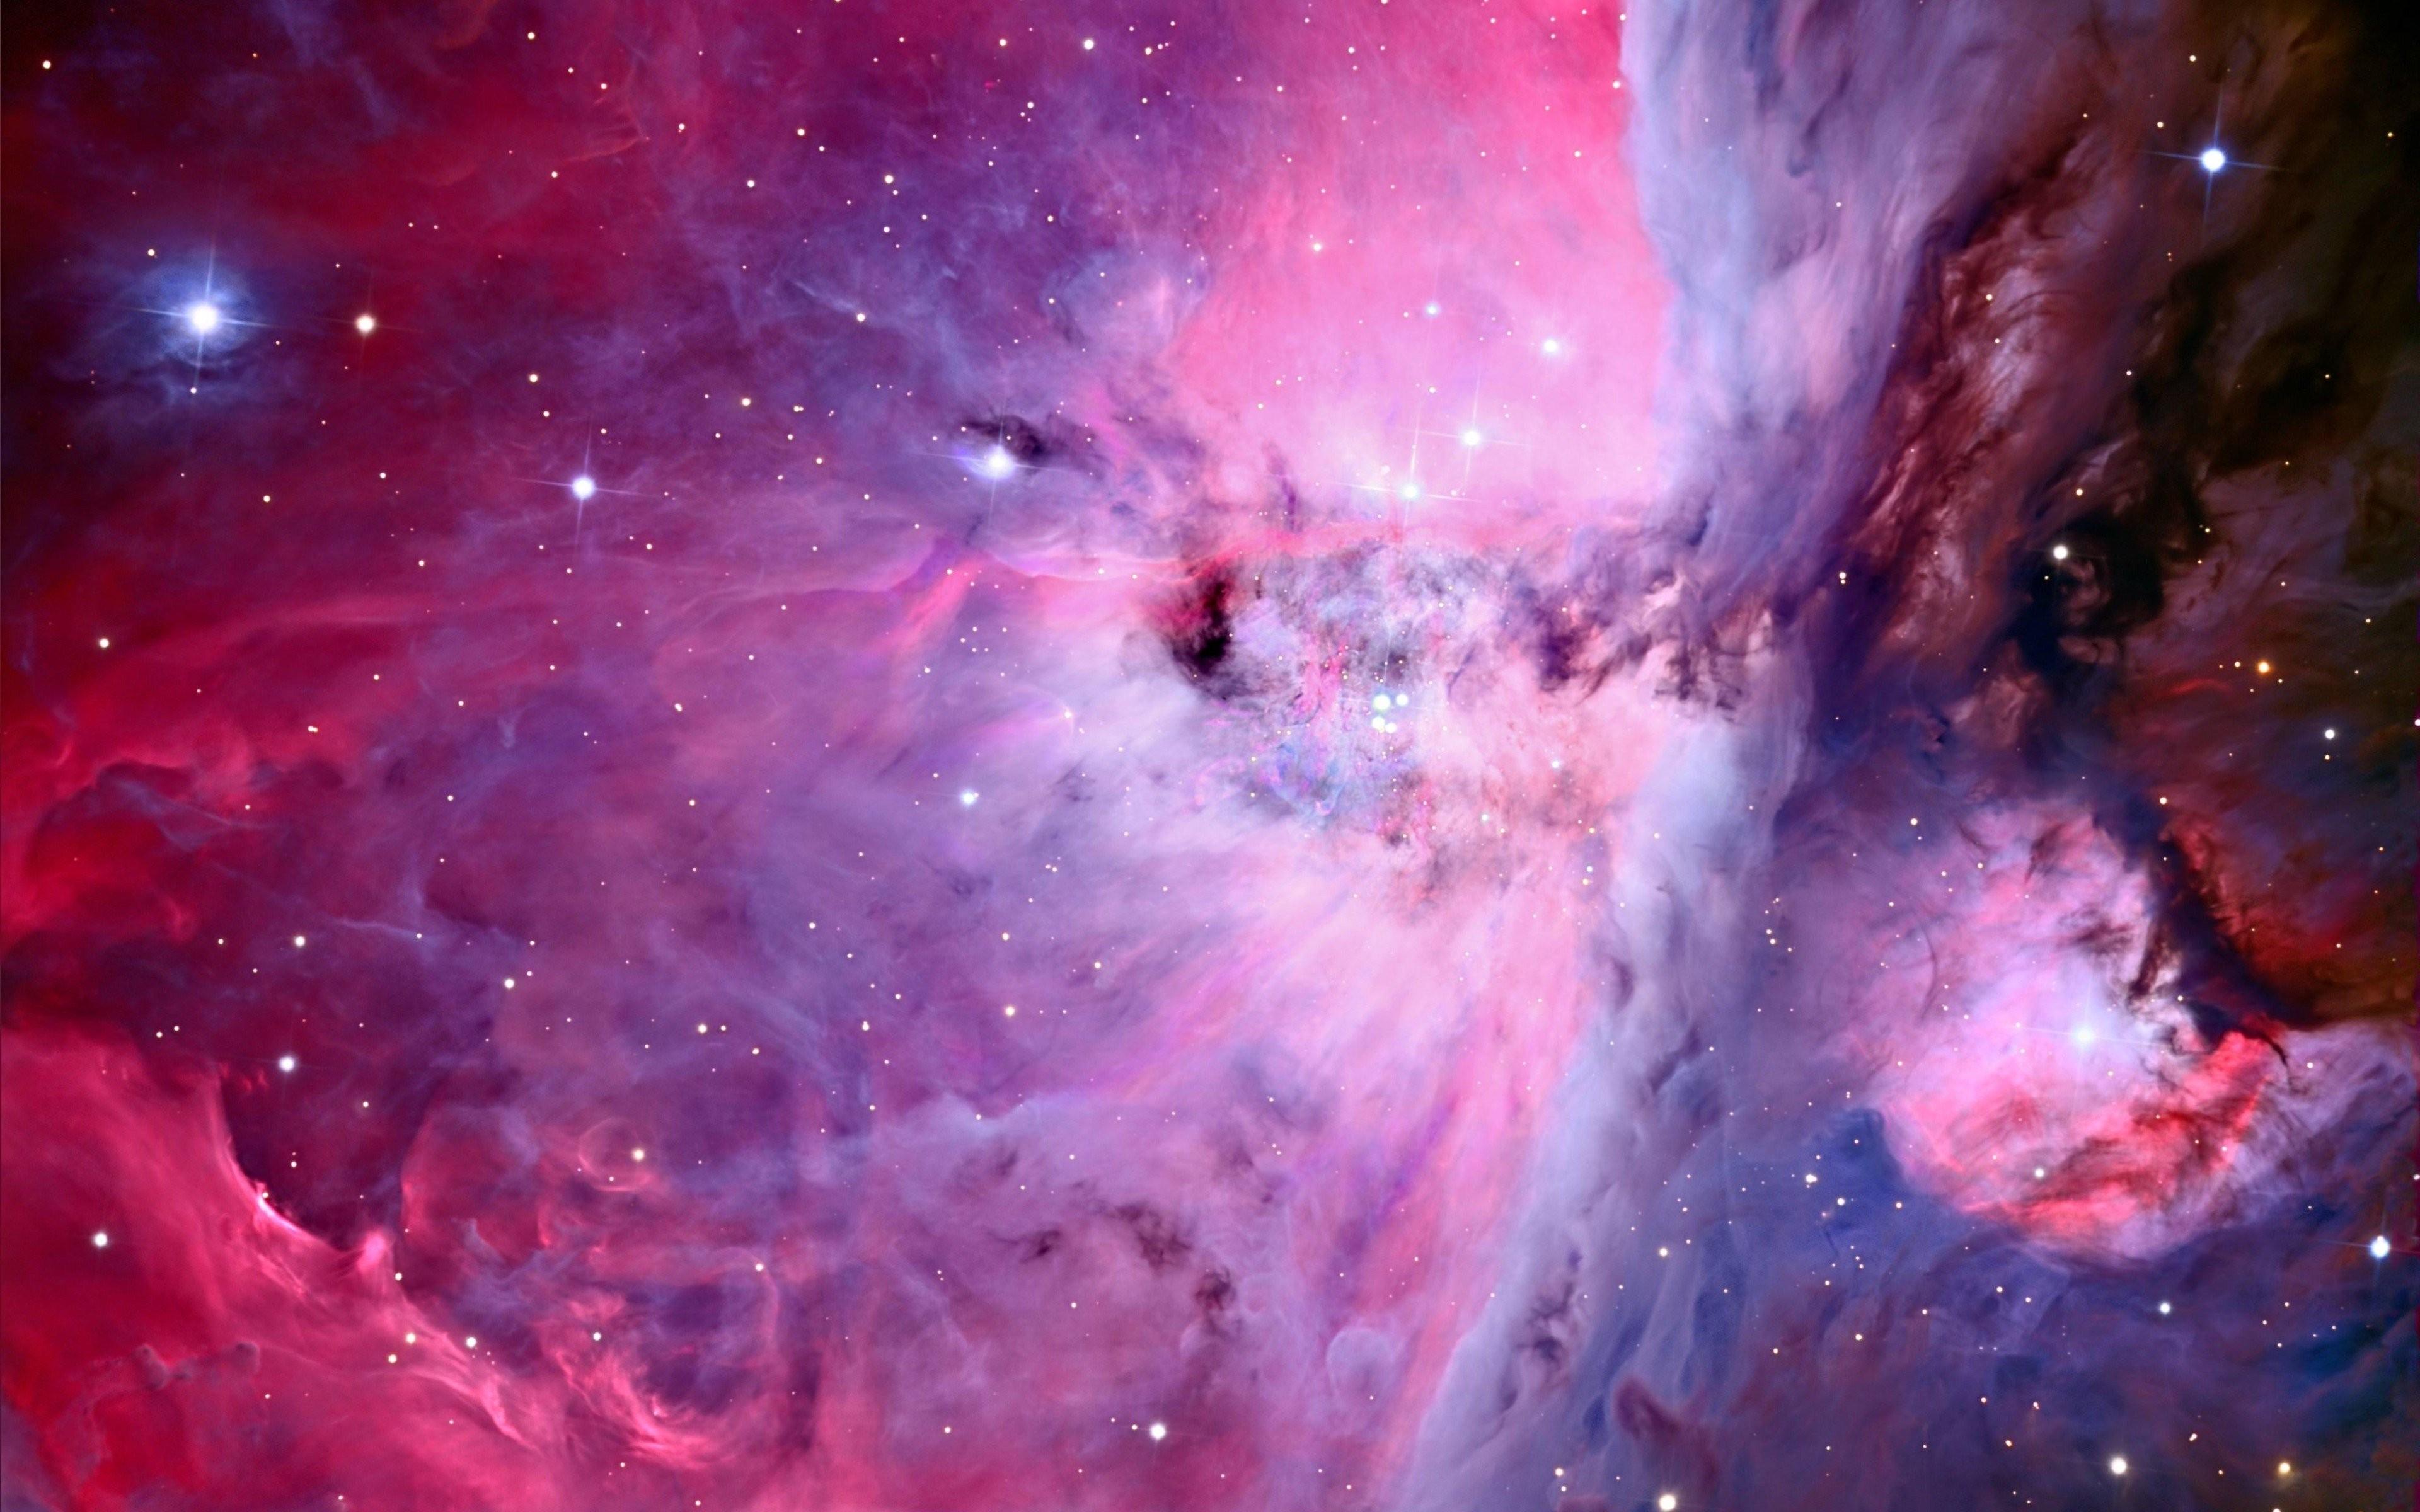 pink nebula galaxy space wallpaper - photo #45